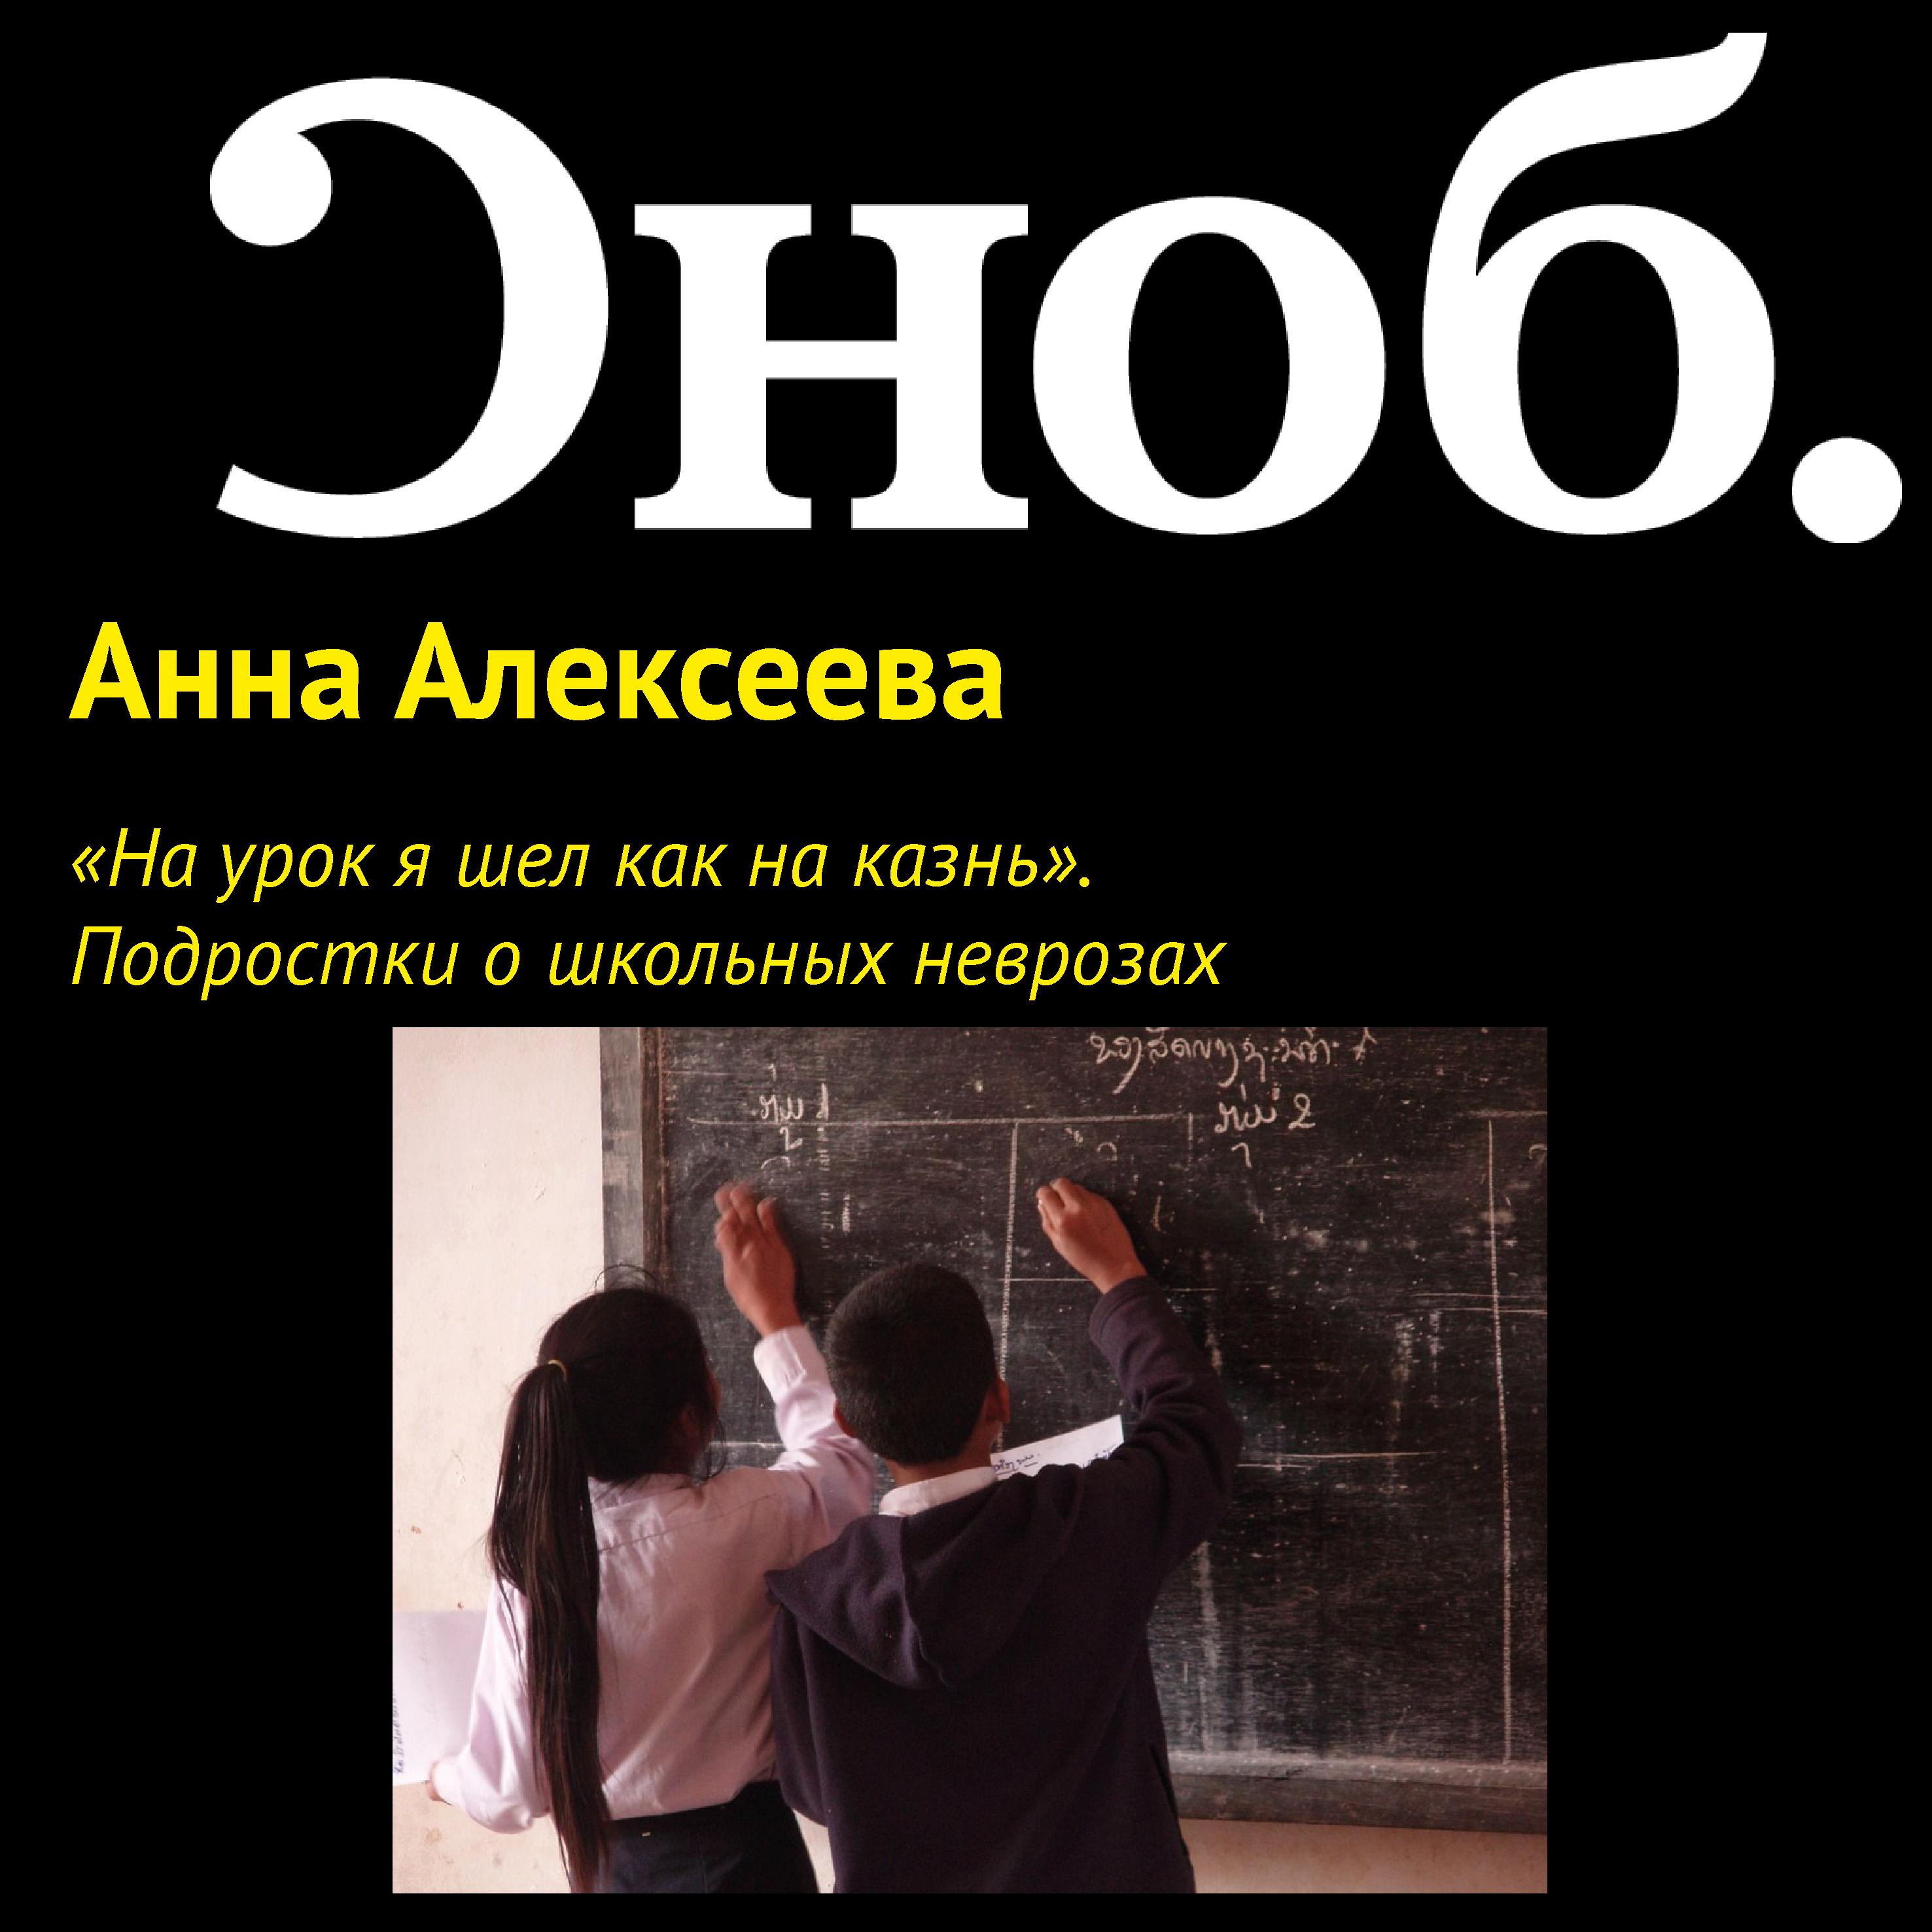 Анна Алексеева «На урок я шел как на казнь». Подростки о школьных неврозах